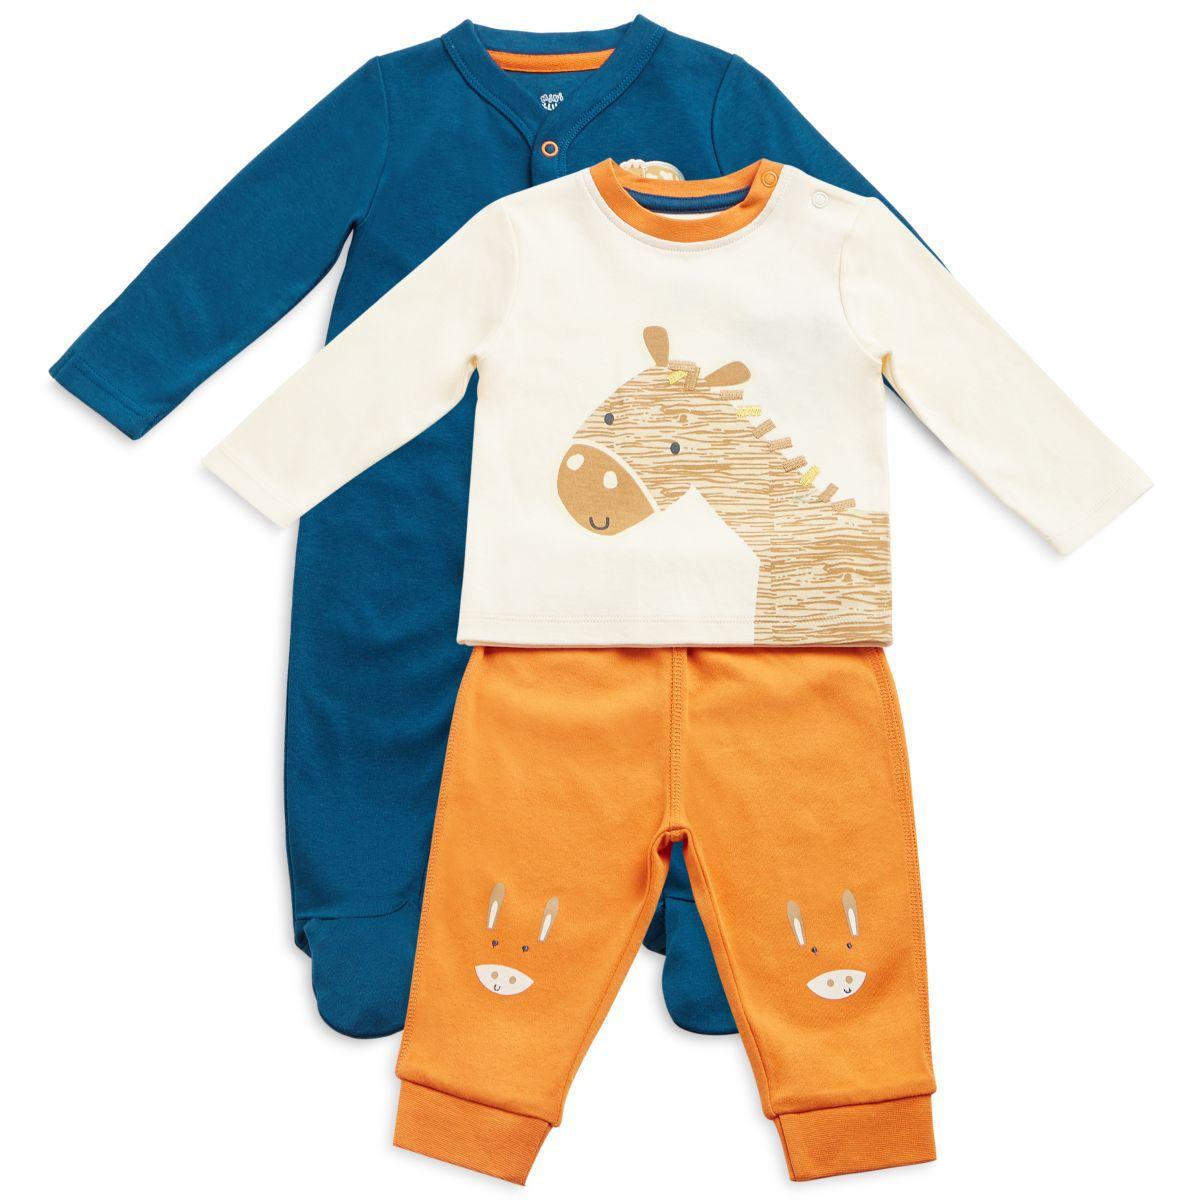 9c3ec7cf0721 FS MiniKlub Baby Boy Multi Color Pack of Sleepsuit